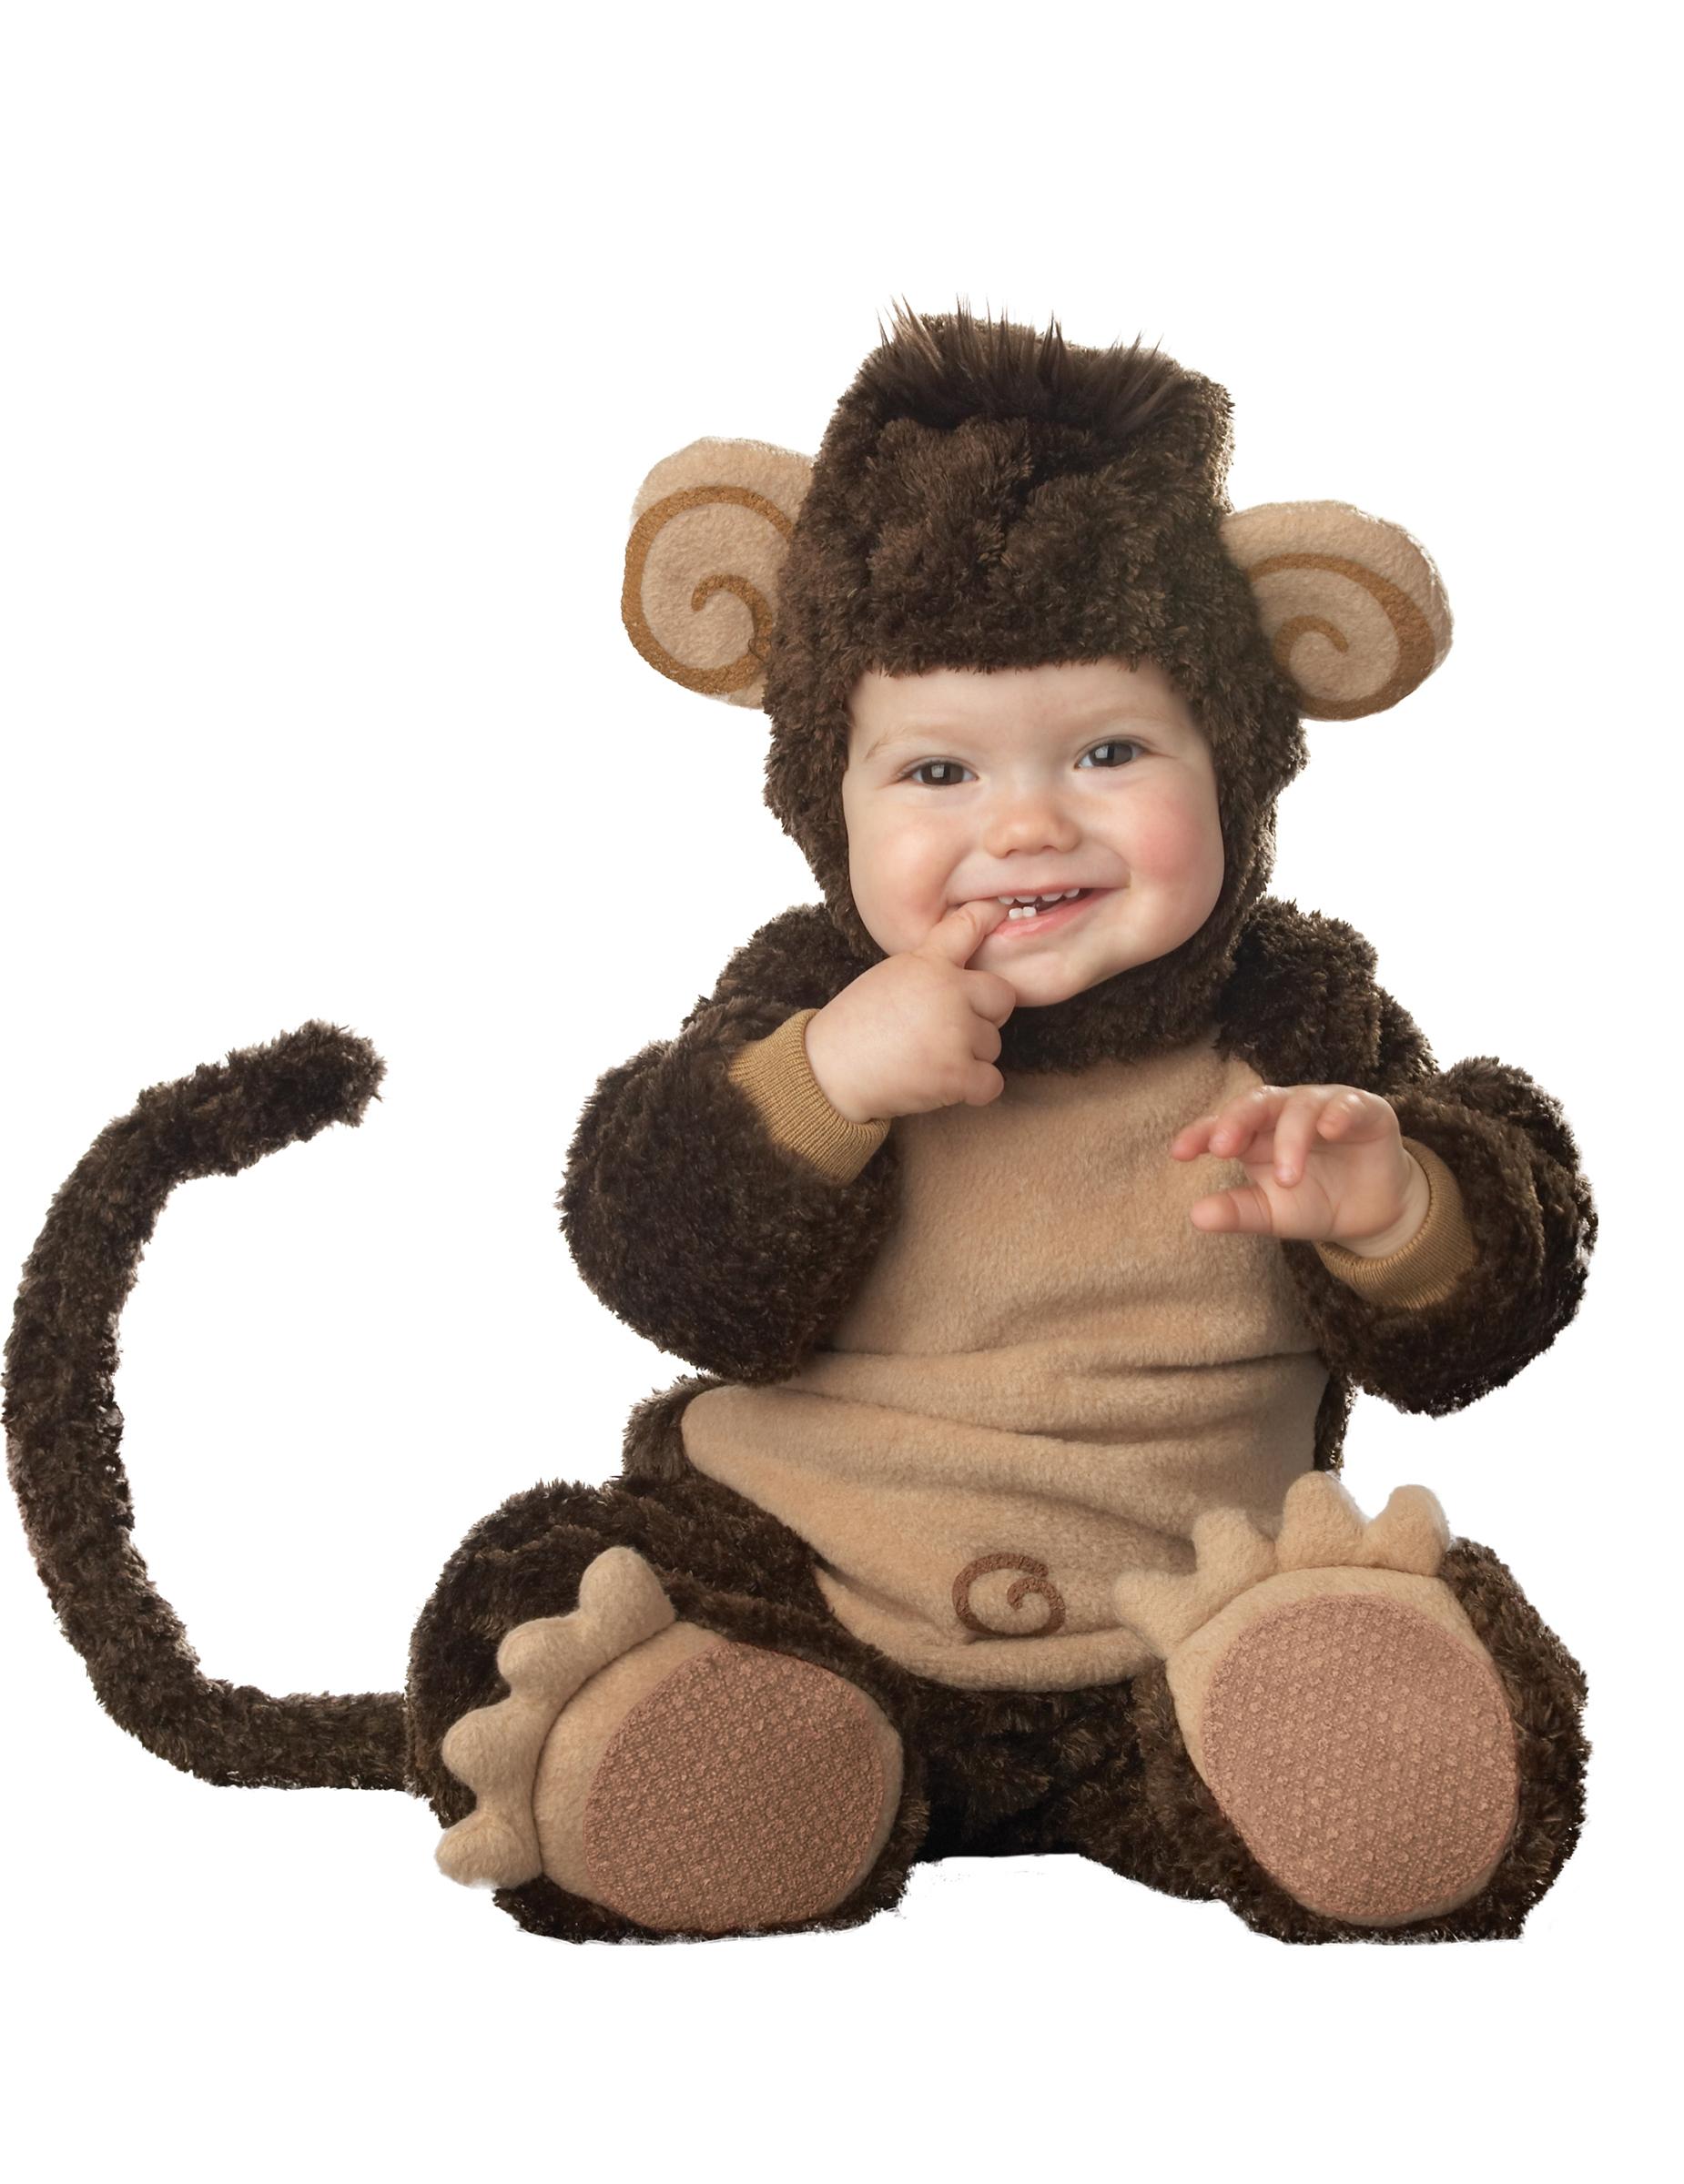 Costume Scimmia per neonato - Premium  Costumi bambini 69e58c0d60e